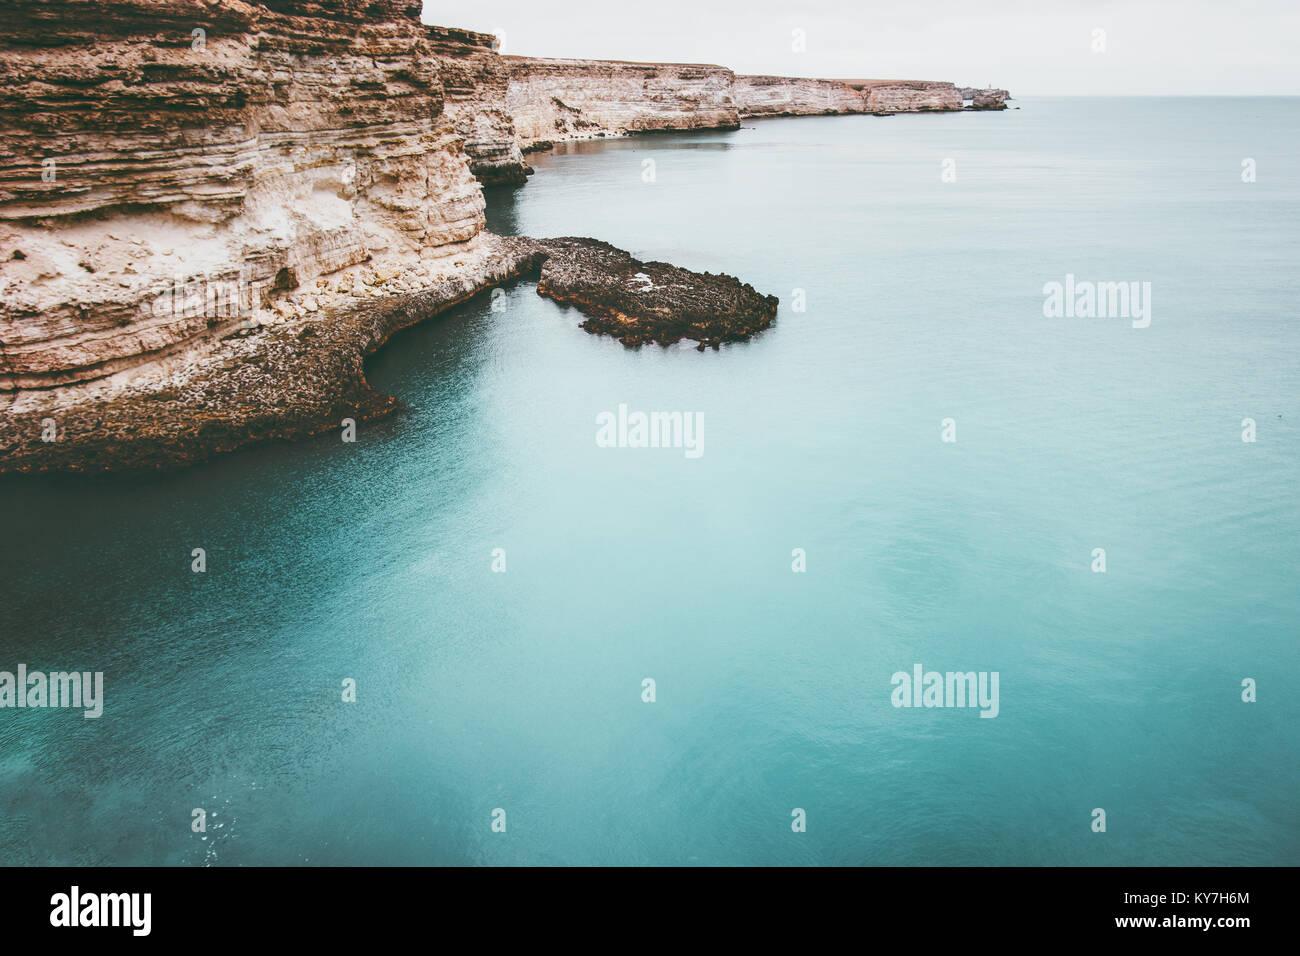 Mare blu con costa rocciosa paesaggio calma e vista panoramica vacations travel Immagini Stock